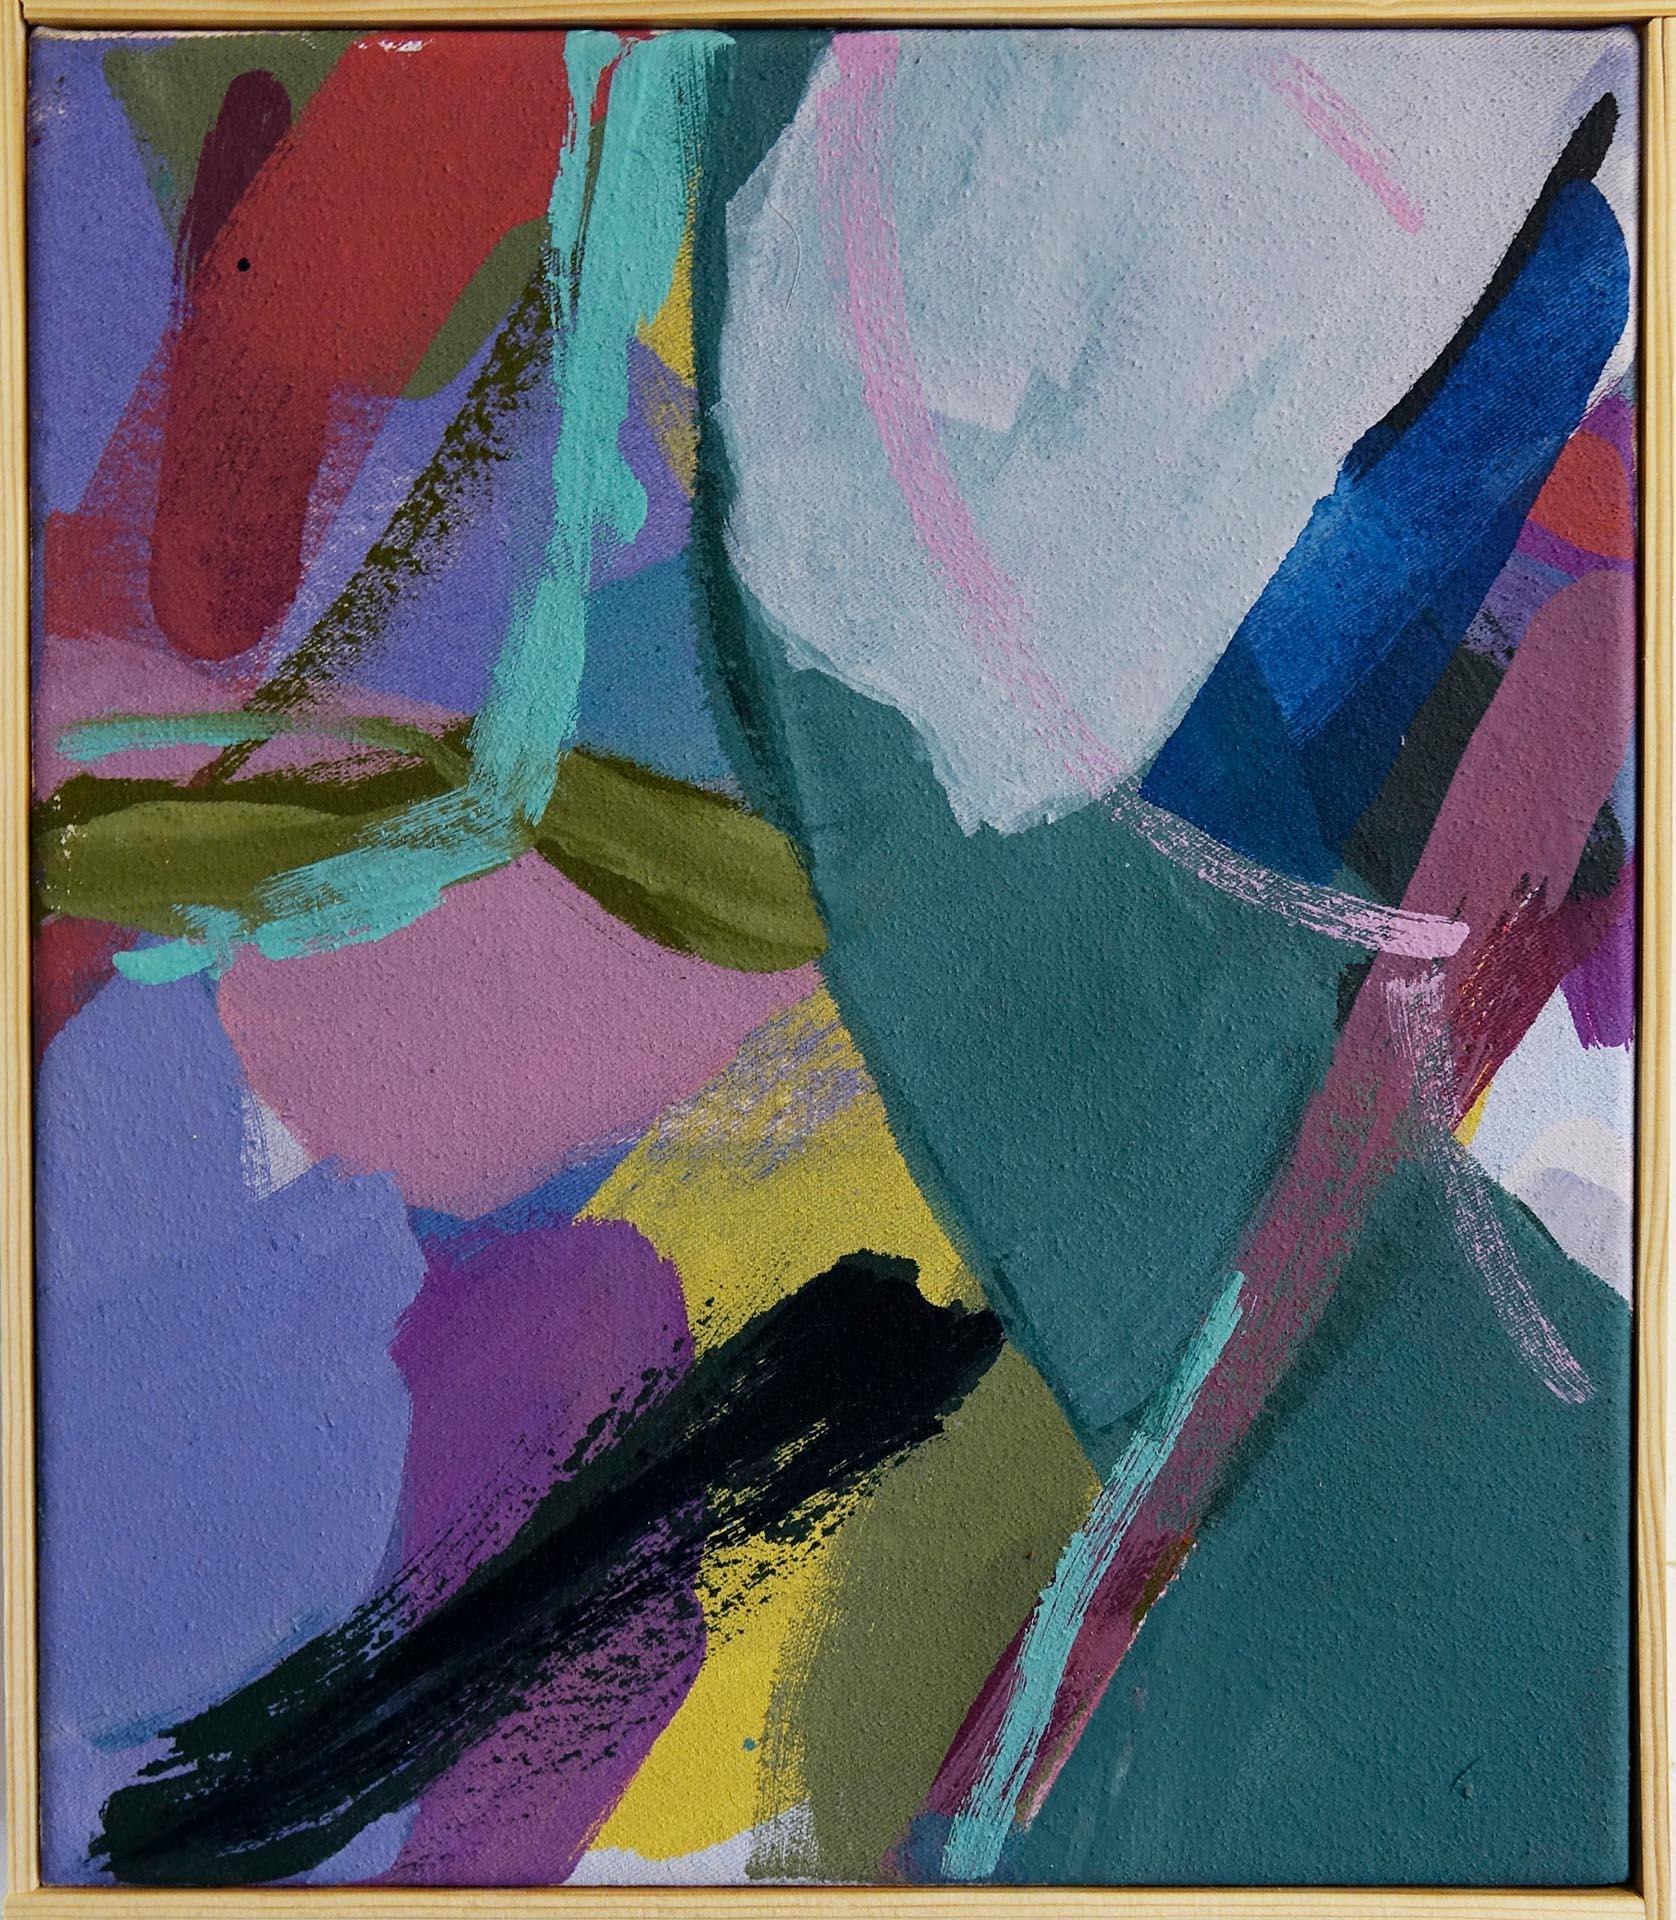 Violetta Ehnsperg | This will work | 31,2 x 27 cm | Galerie3